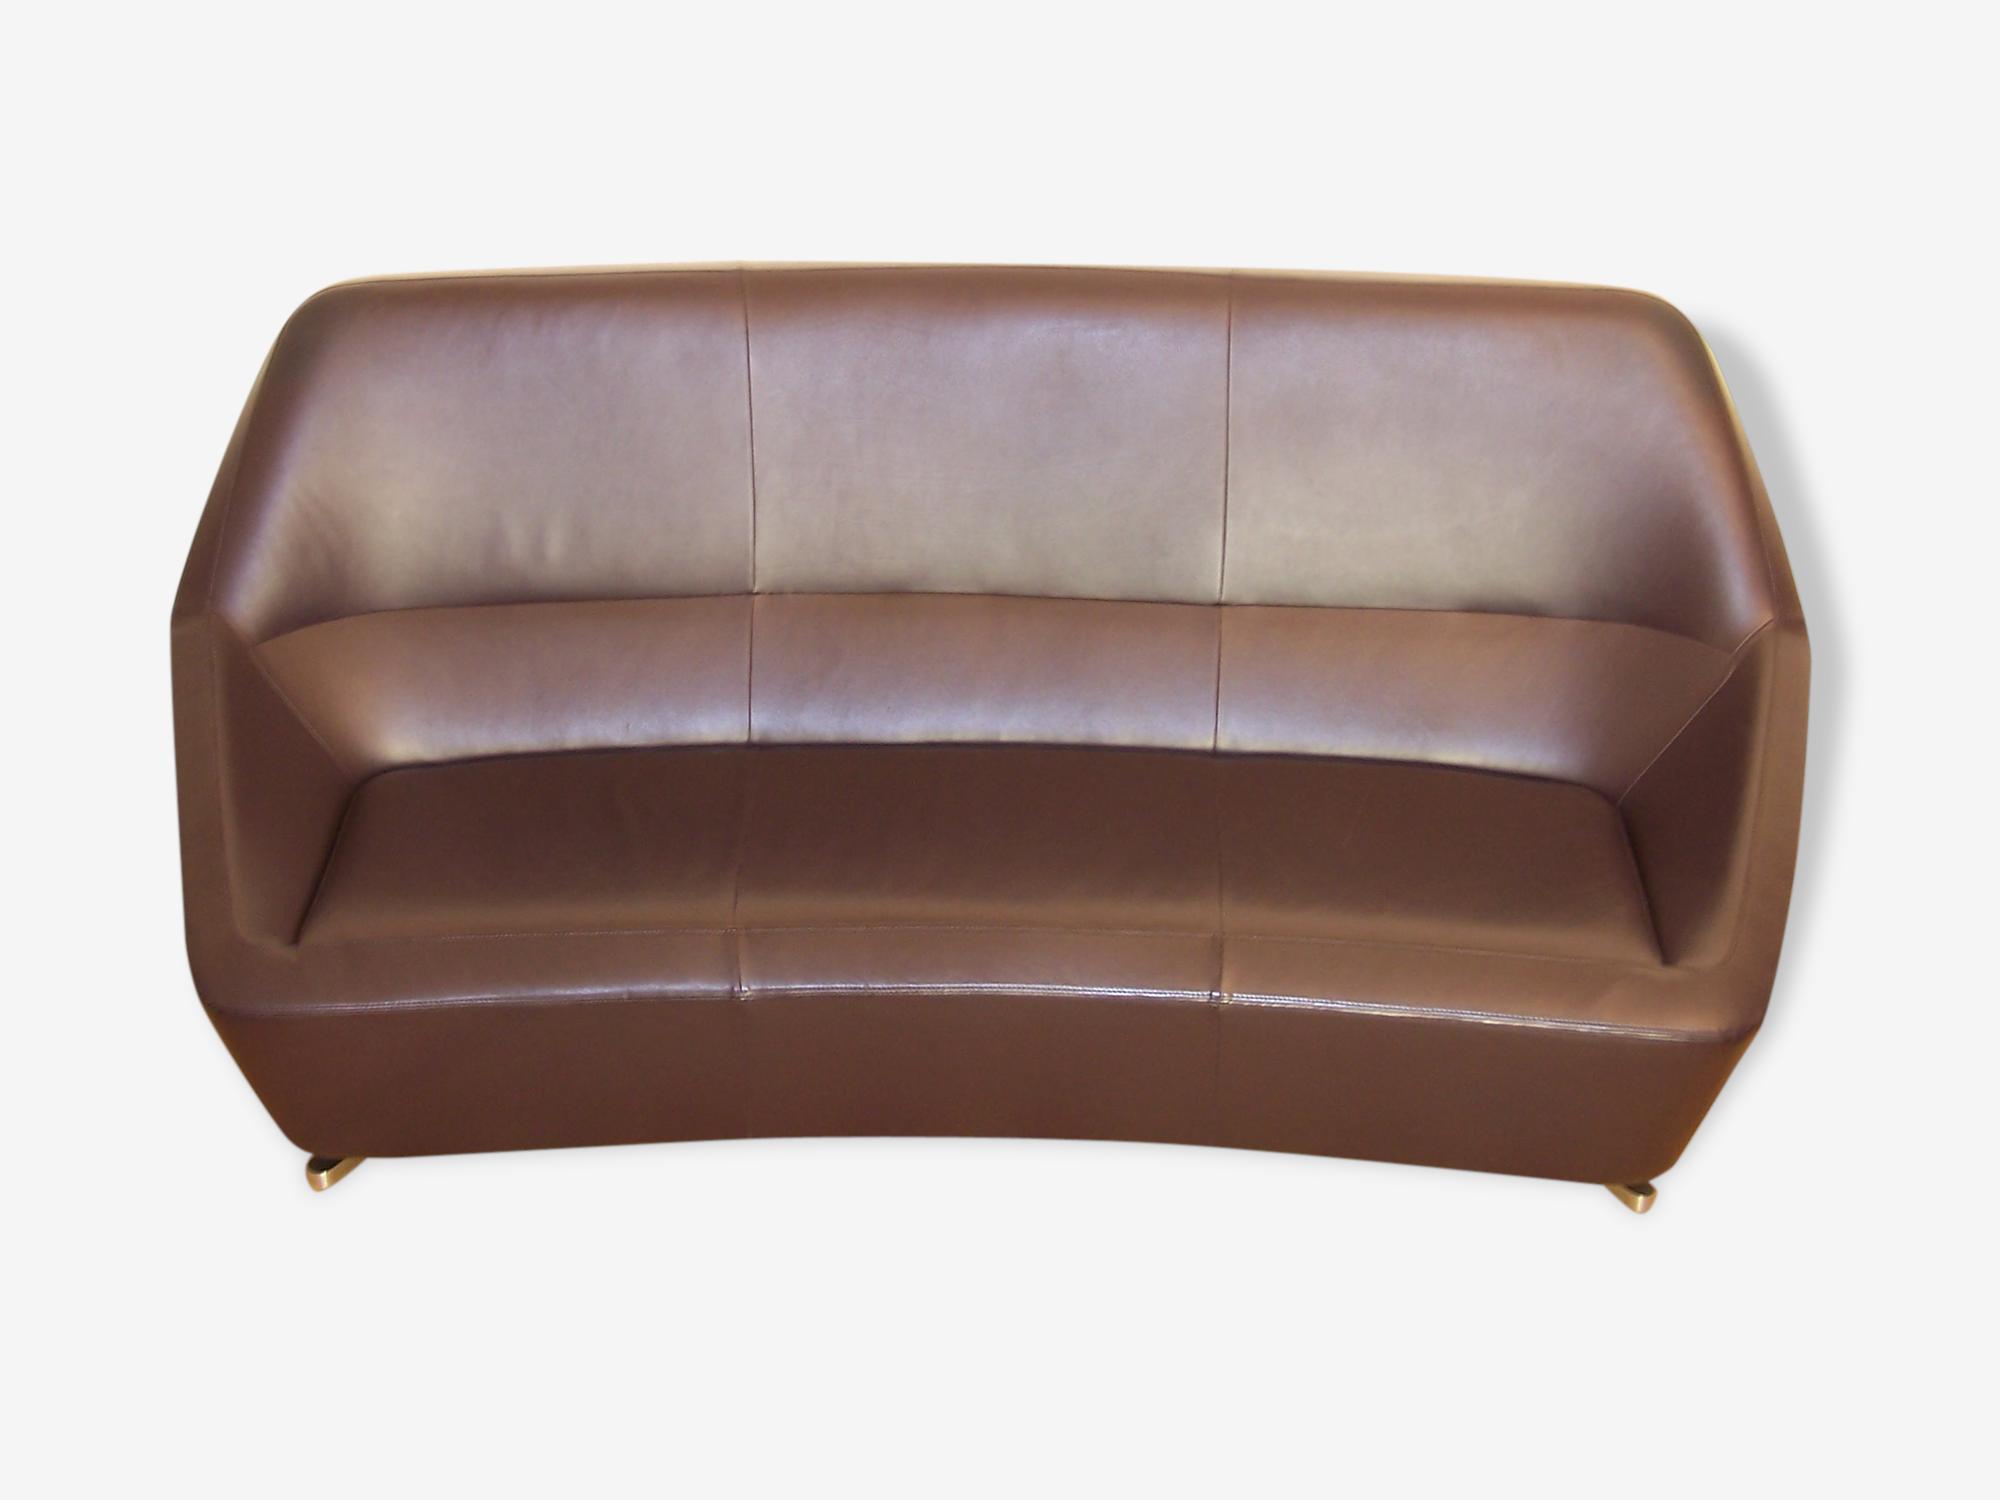 Canapé design modèle Pluriel by Cinna